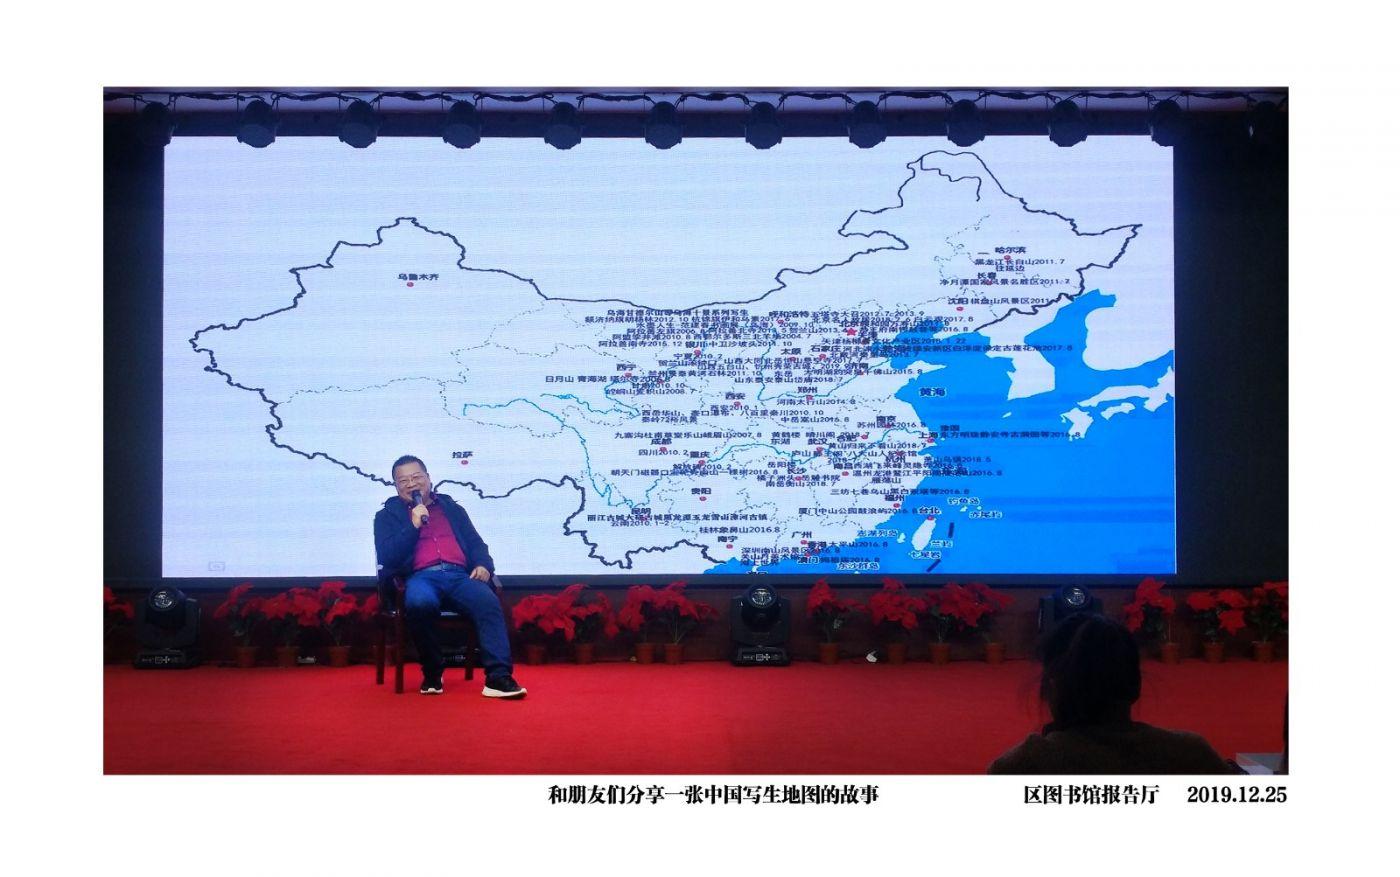 和您分享一张中国写生地图的故事_图1-1